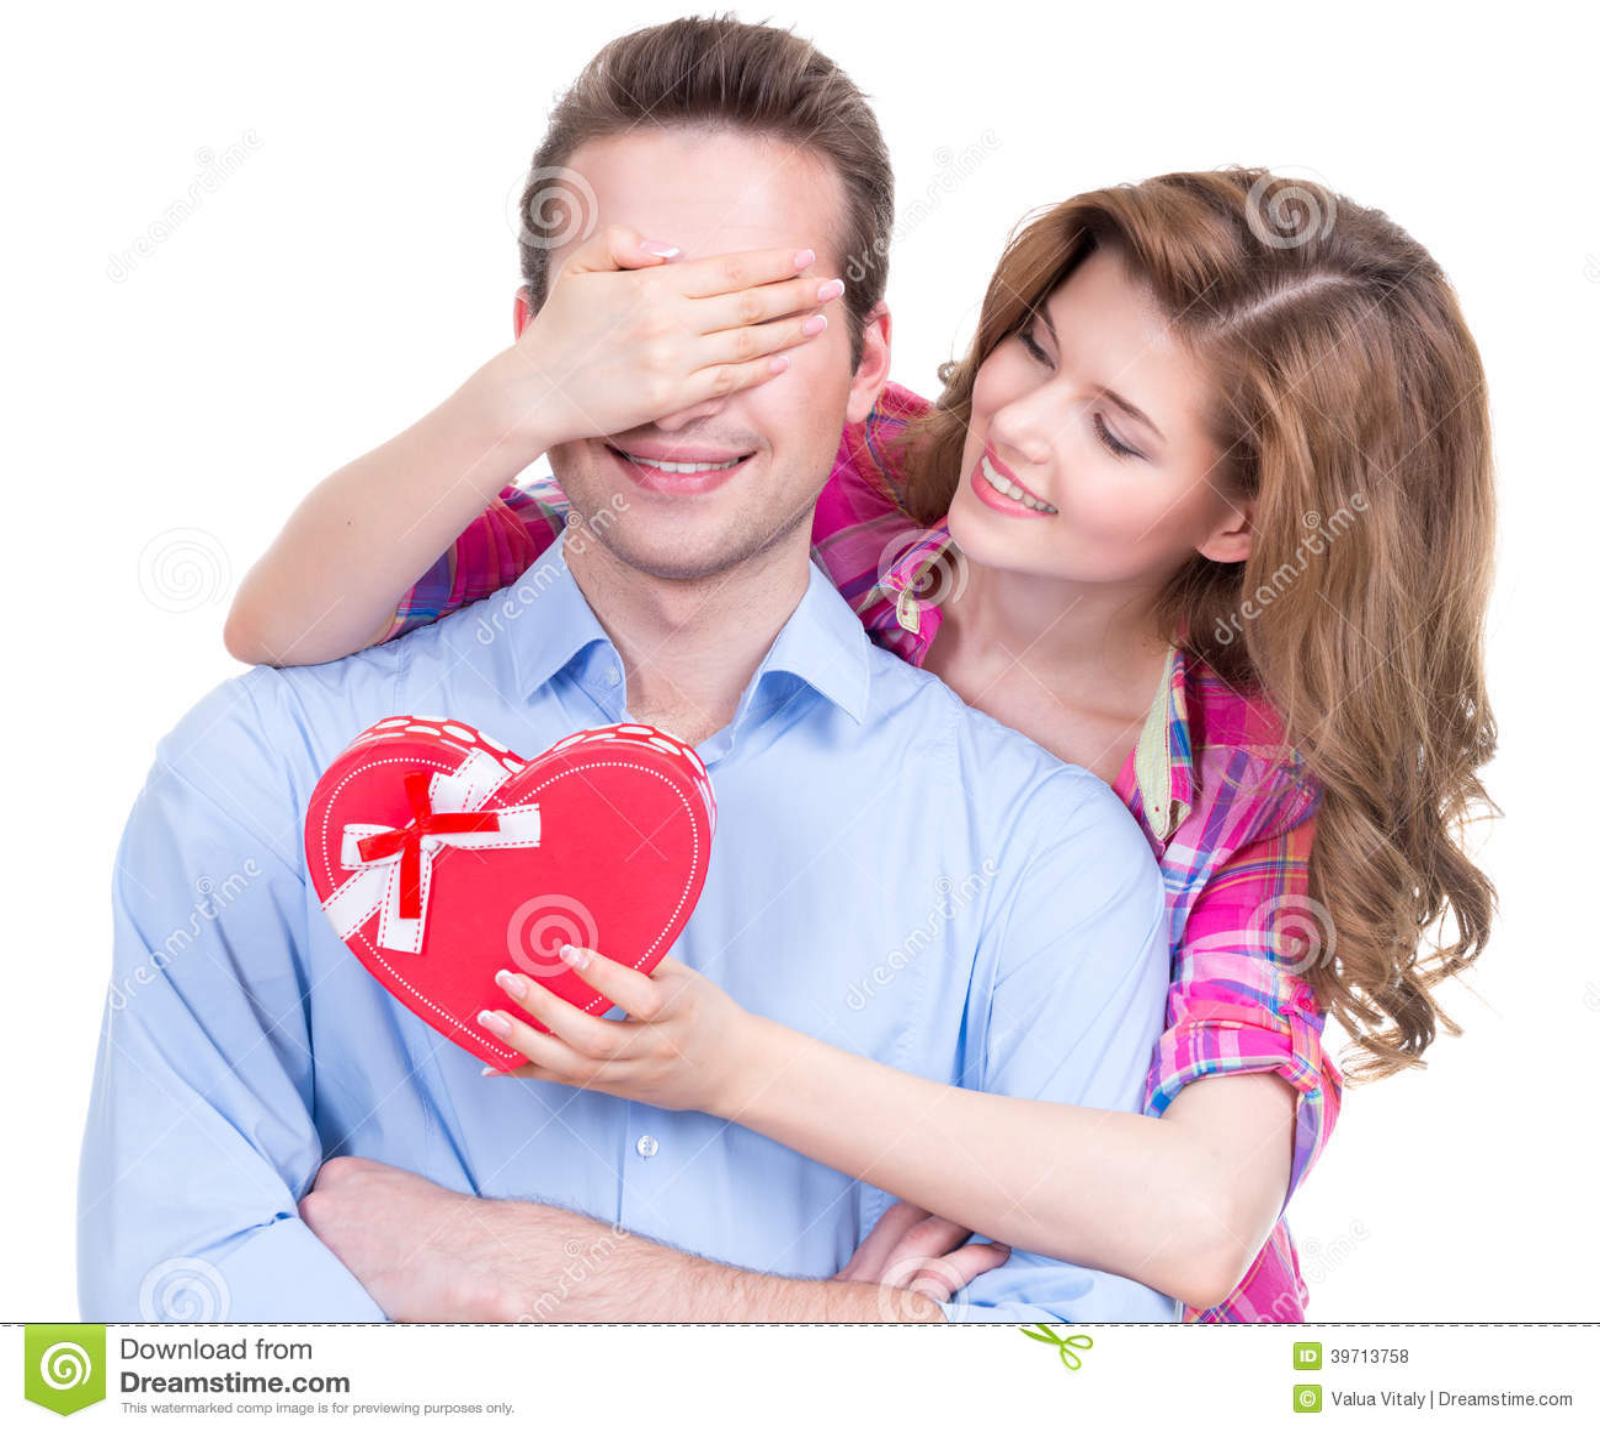 Портрет красивых счастливых пар.